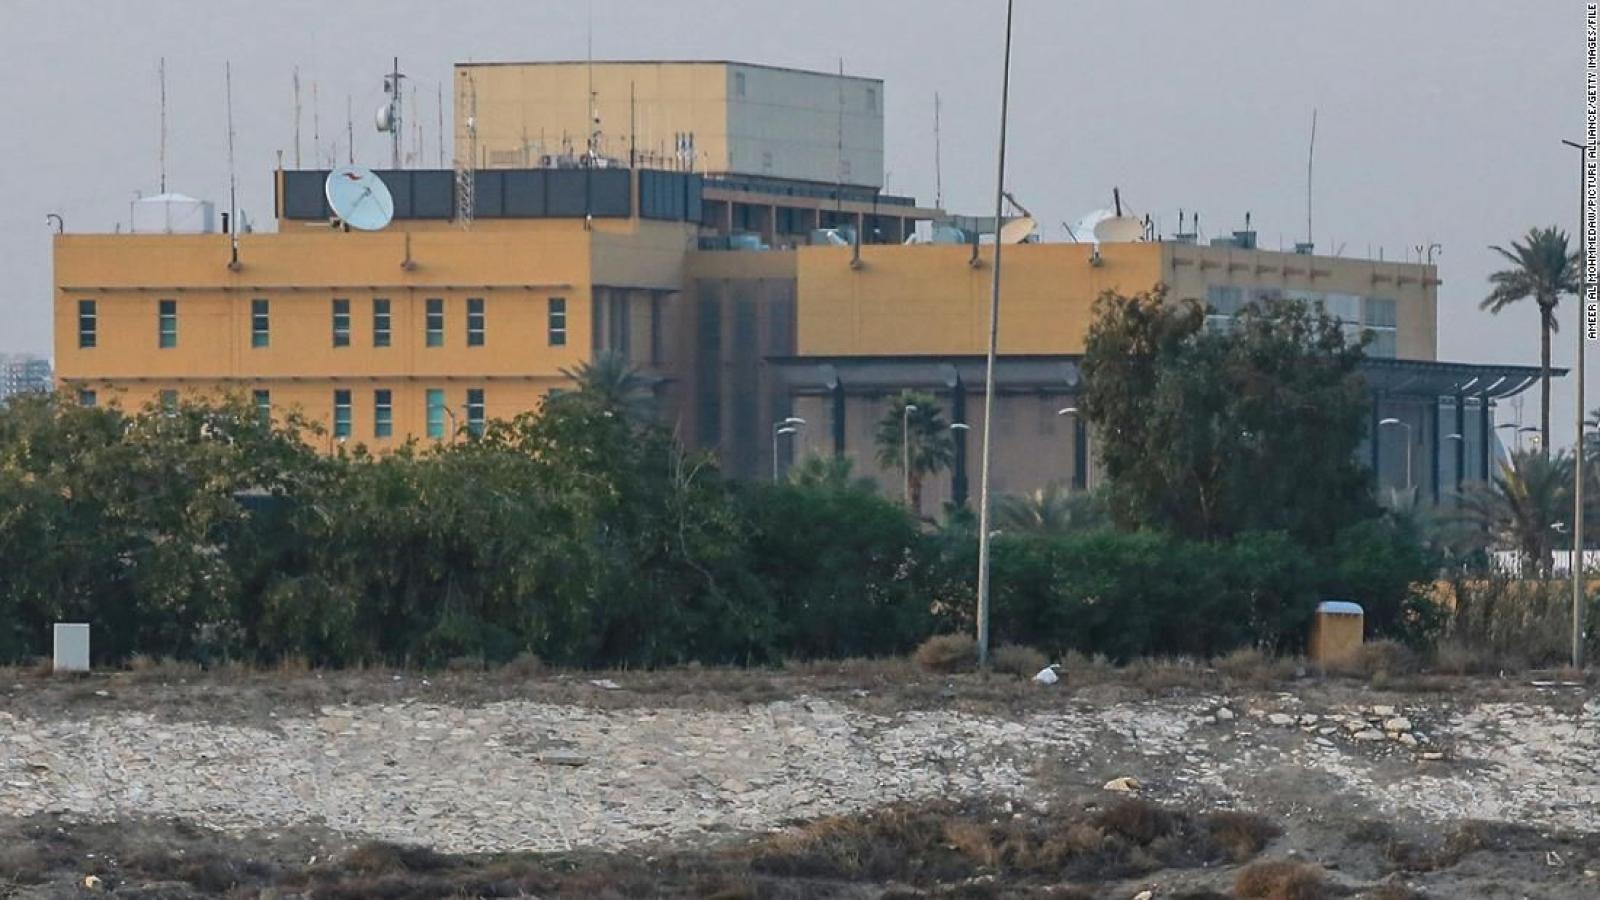 Đại sứ quán Mỹ tại Iraq tổ chức diễn tập cho các tình huống khẩn cấp